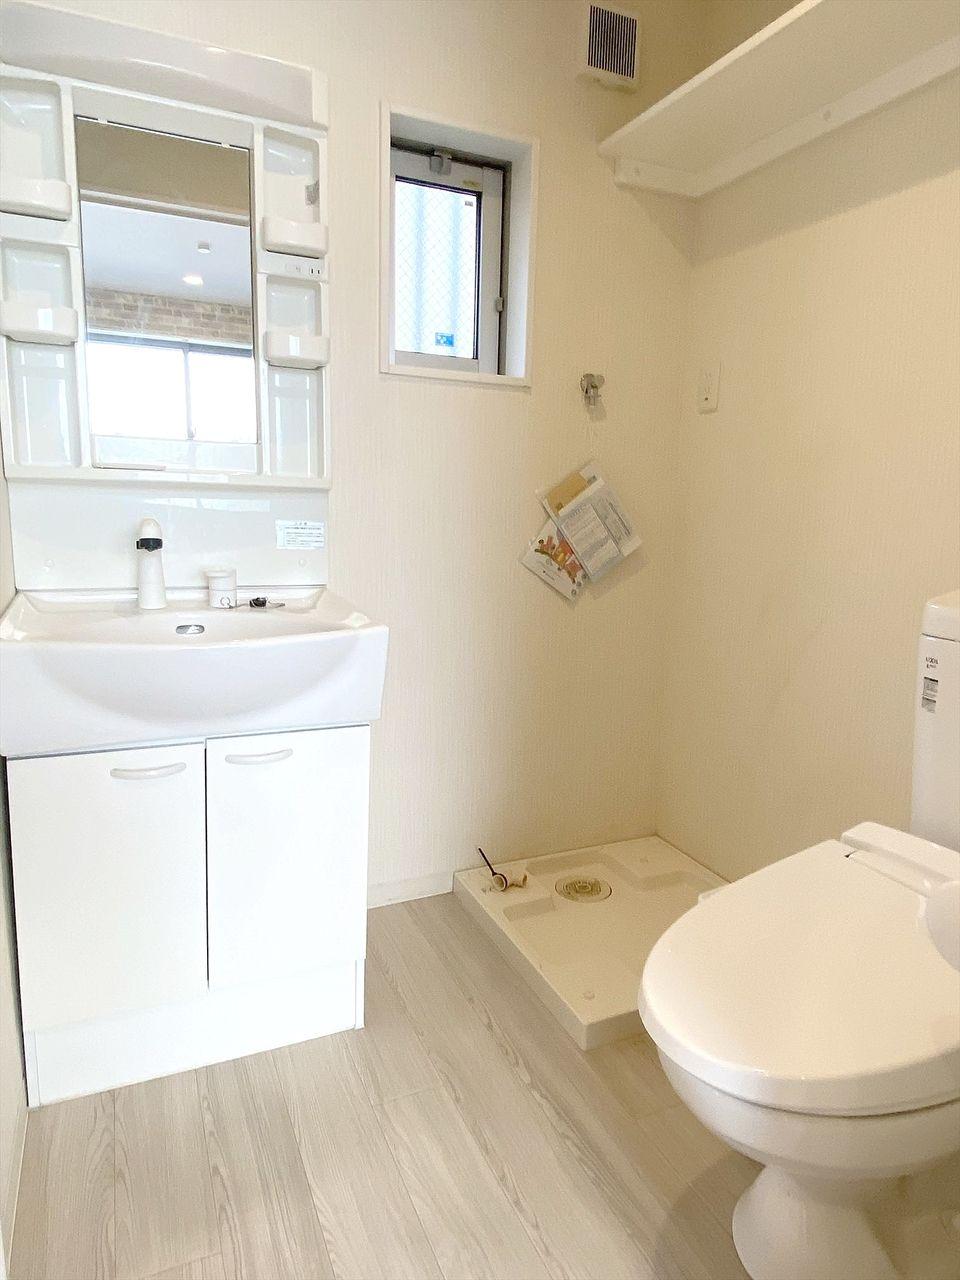 豊島区千早の賃貸マンション オーレ池袋西 脱衣所に洗面台・トイレ・洗濯機置き場がコンパクトにまとまっています